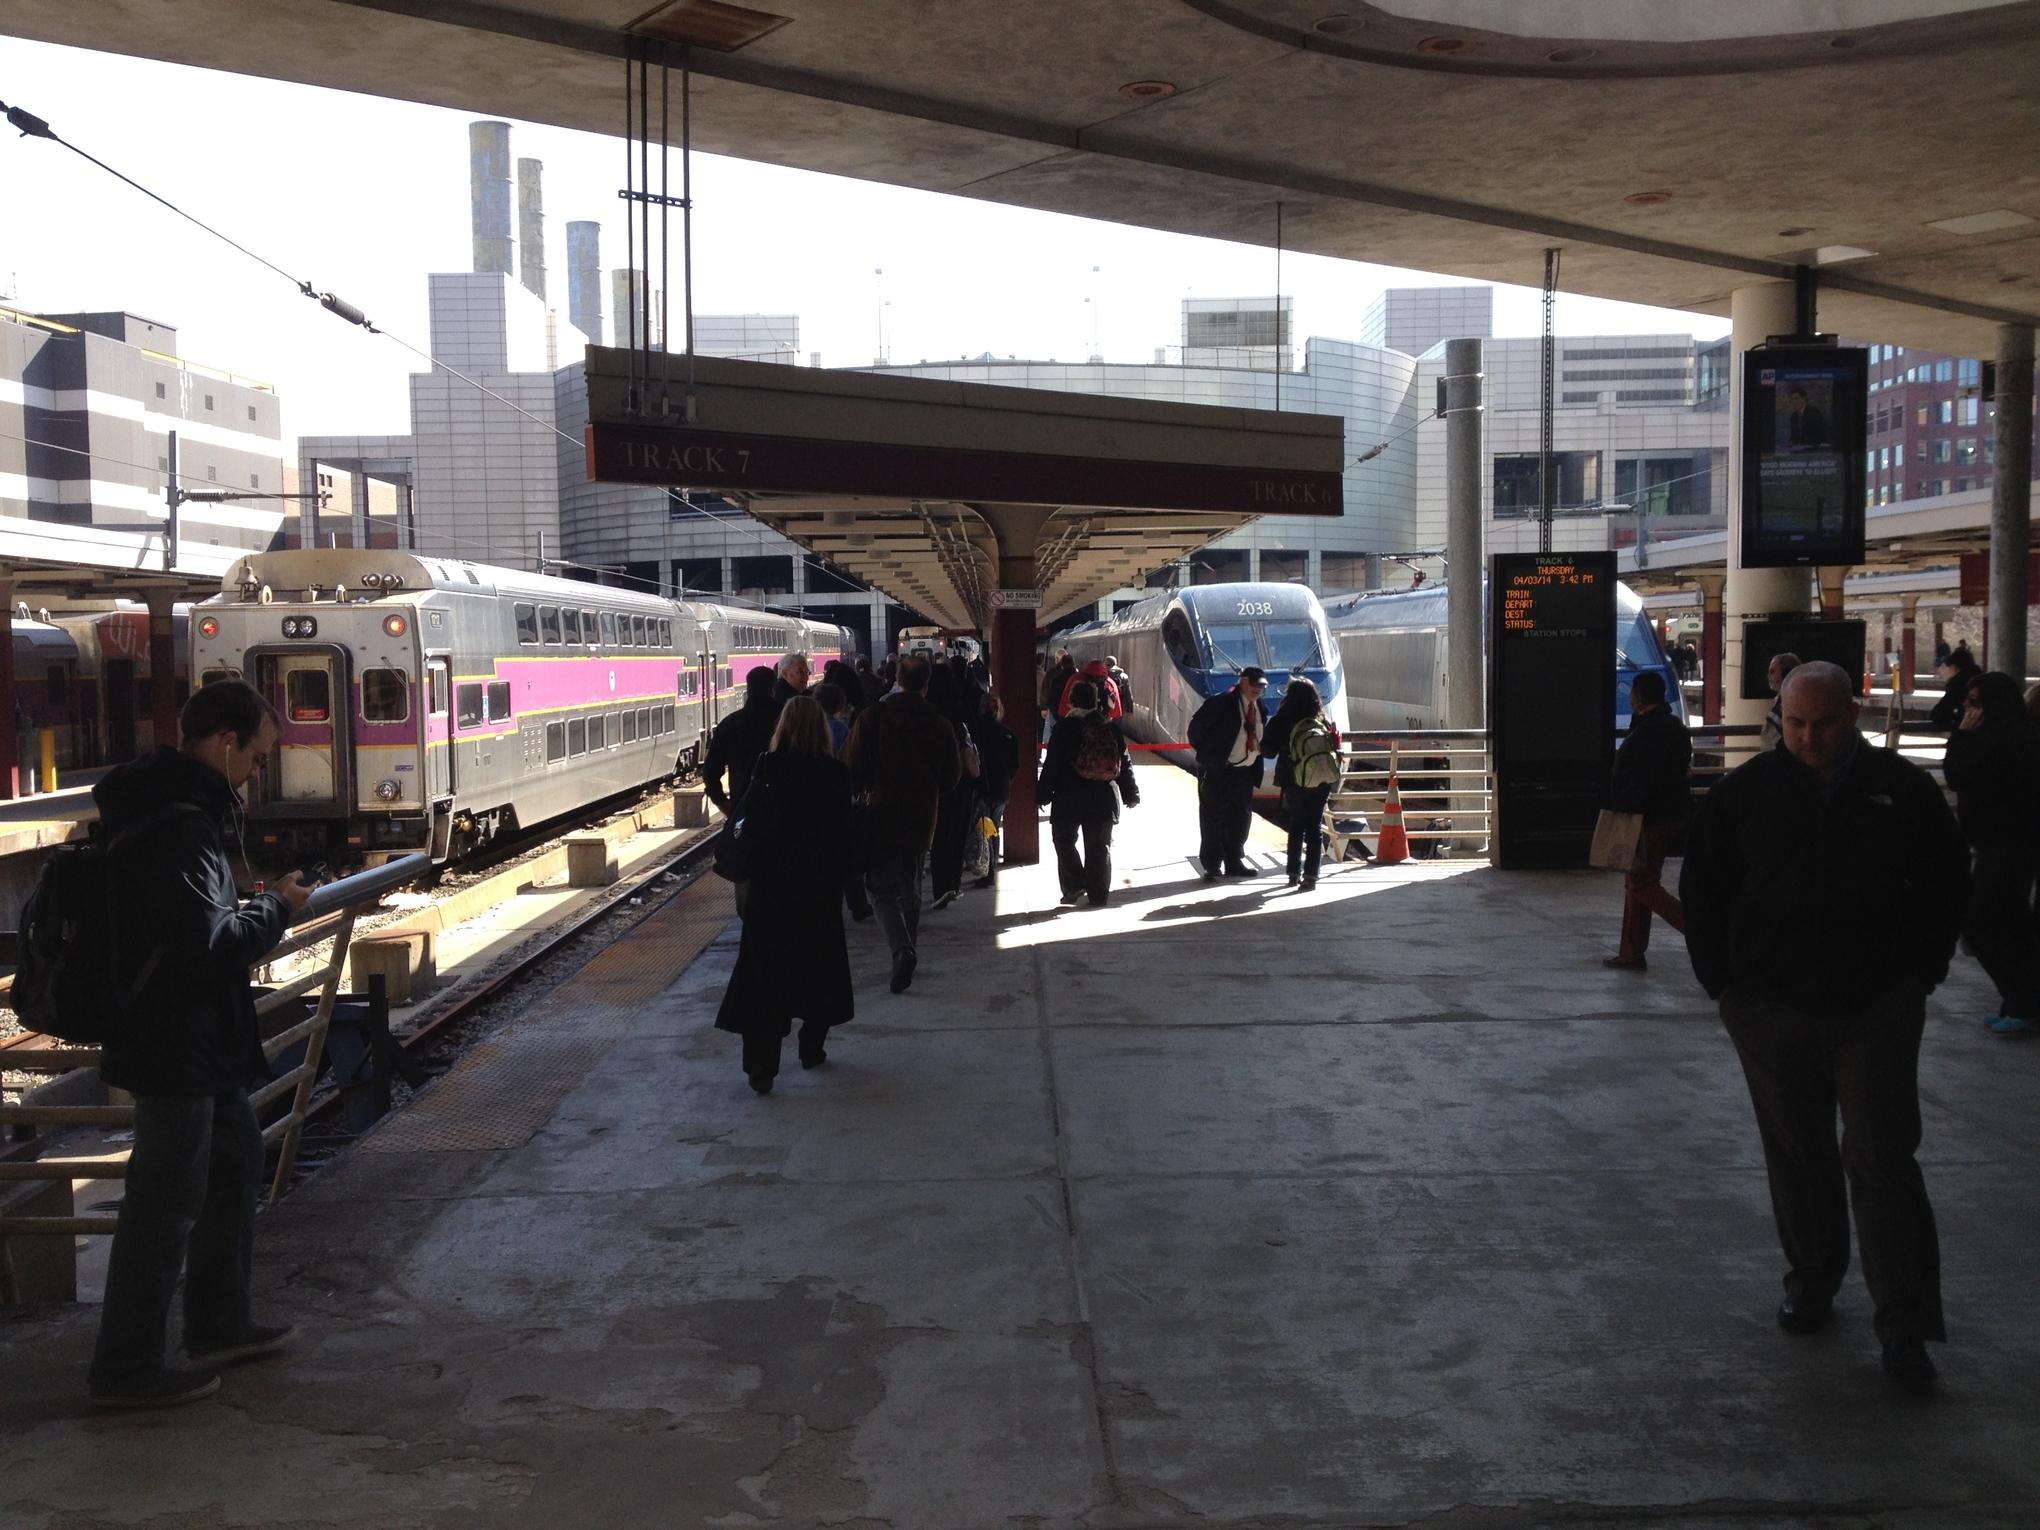 Amtrak's insane train boarding rules - Vox